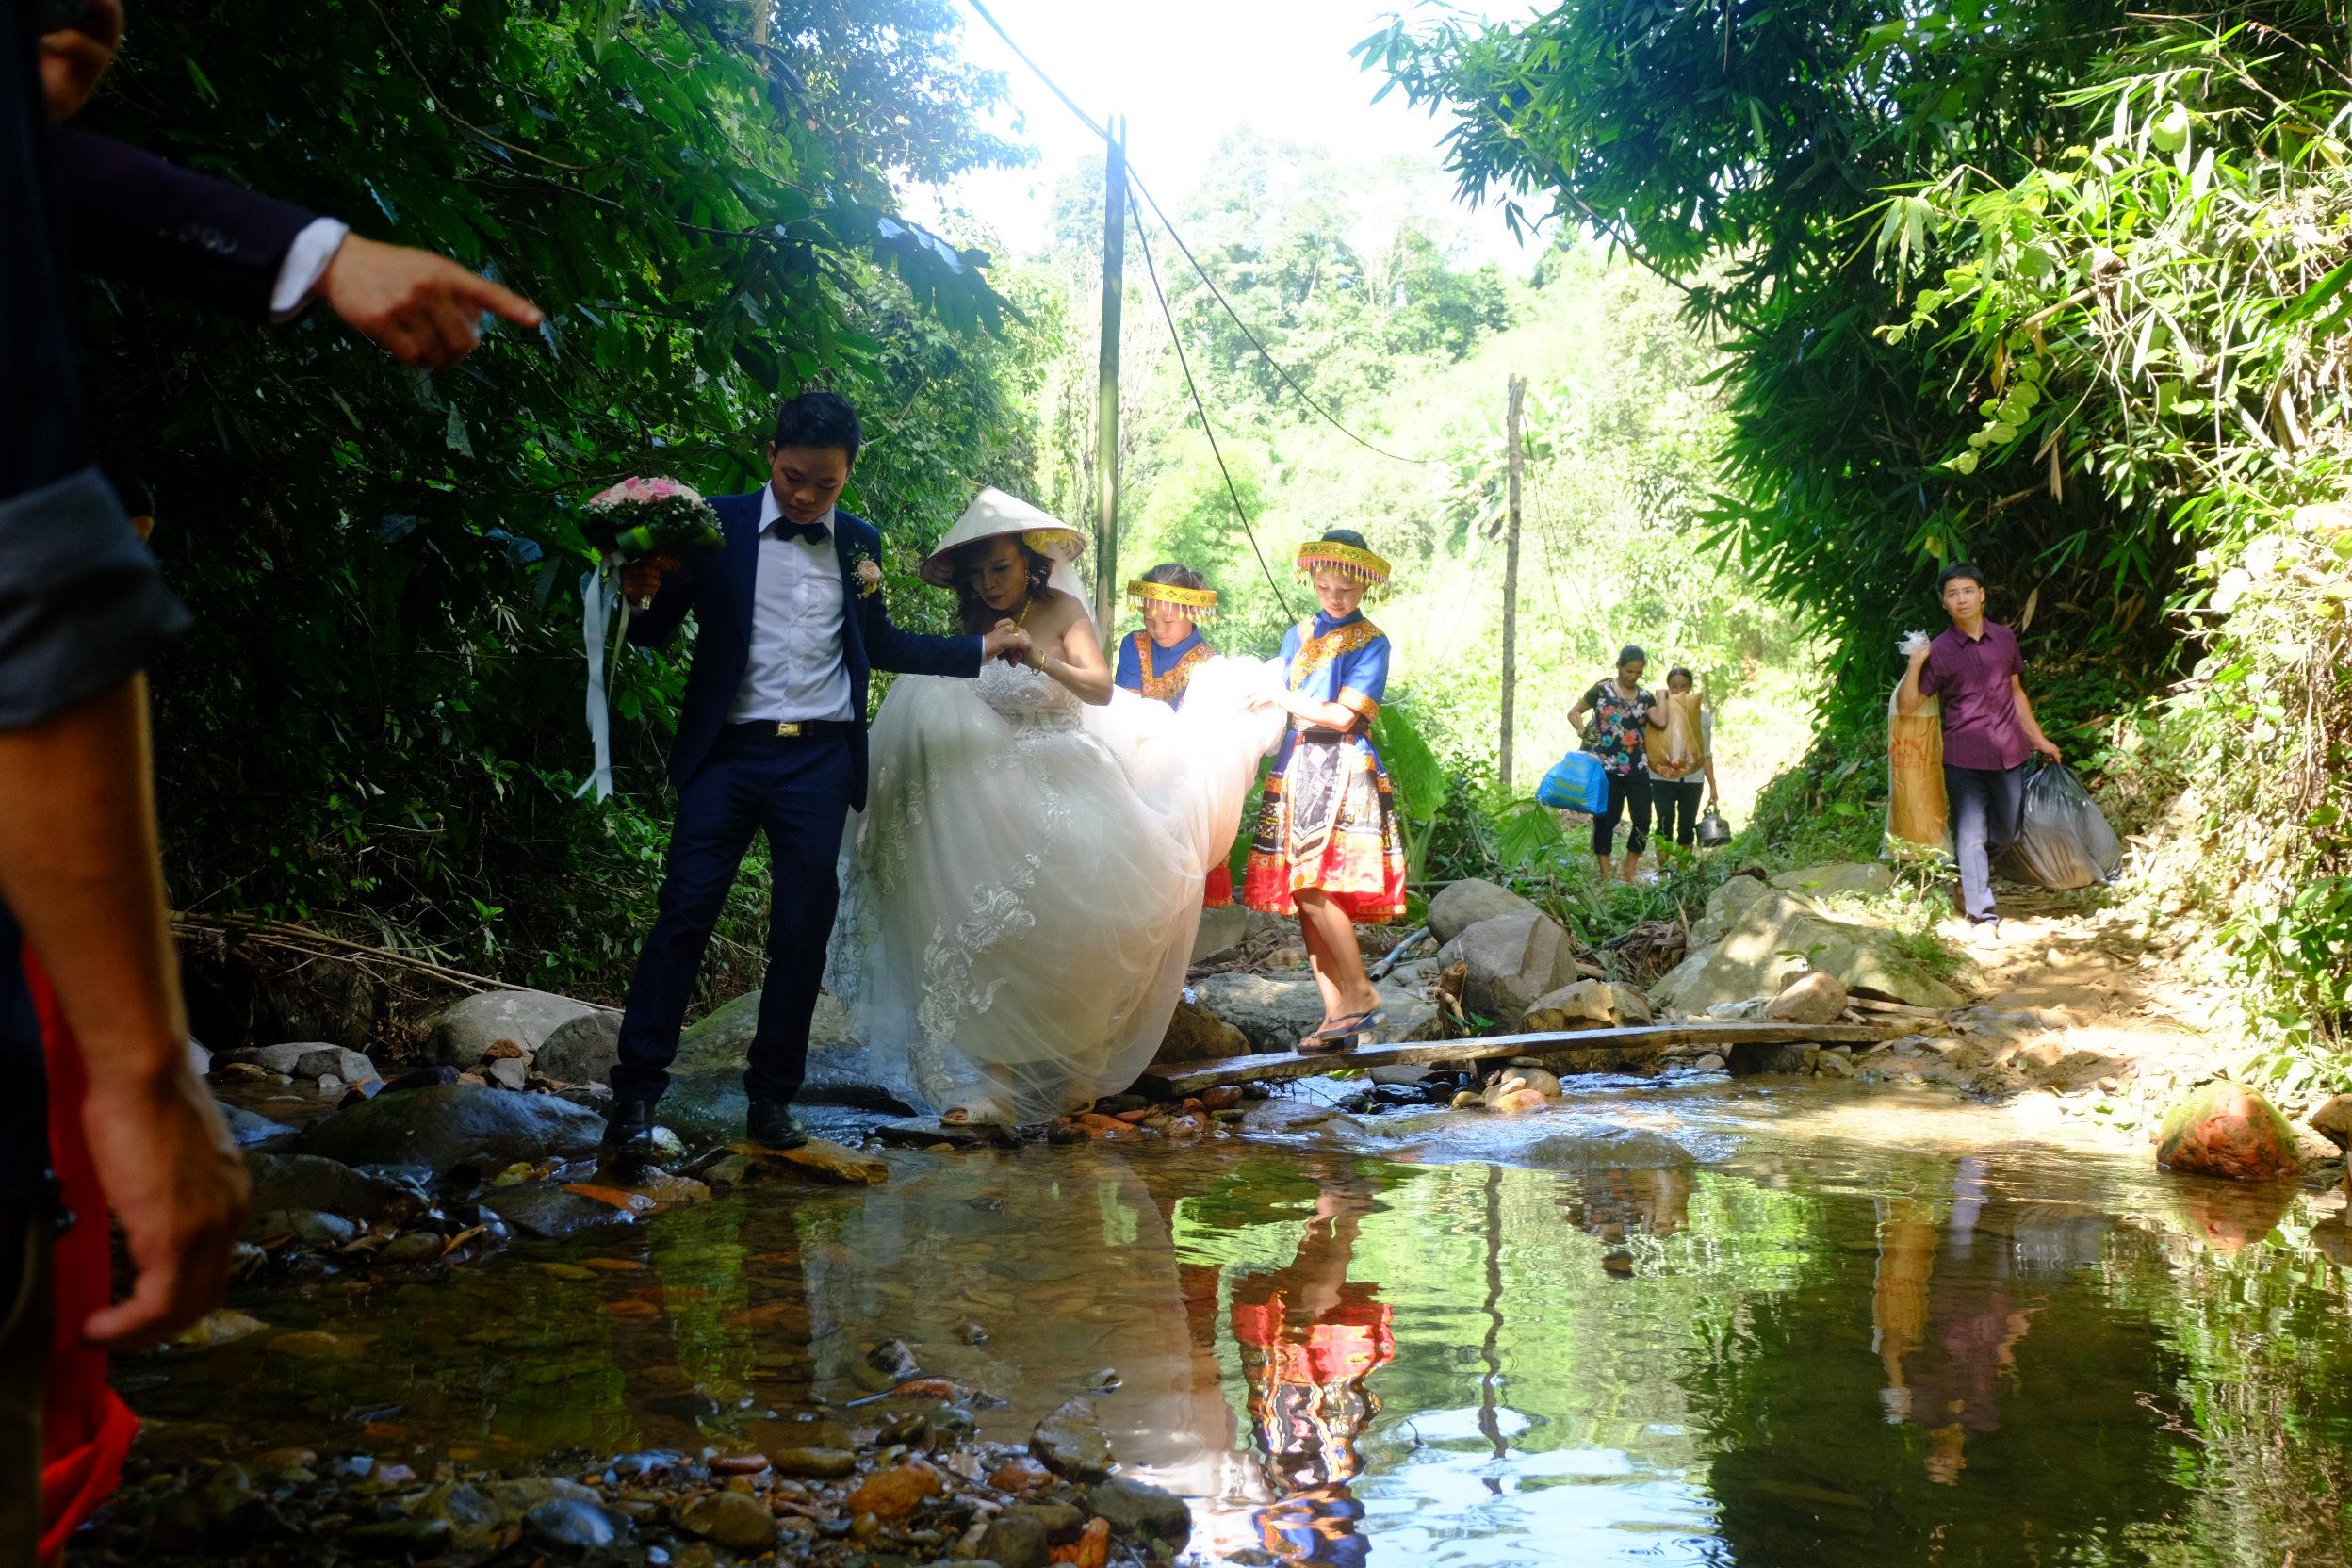 Cô dâu 62 tuổi mặc váy cưới, lội qua 3 con suối về nhà chồng trong niềm hân hoan Ảnh 5